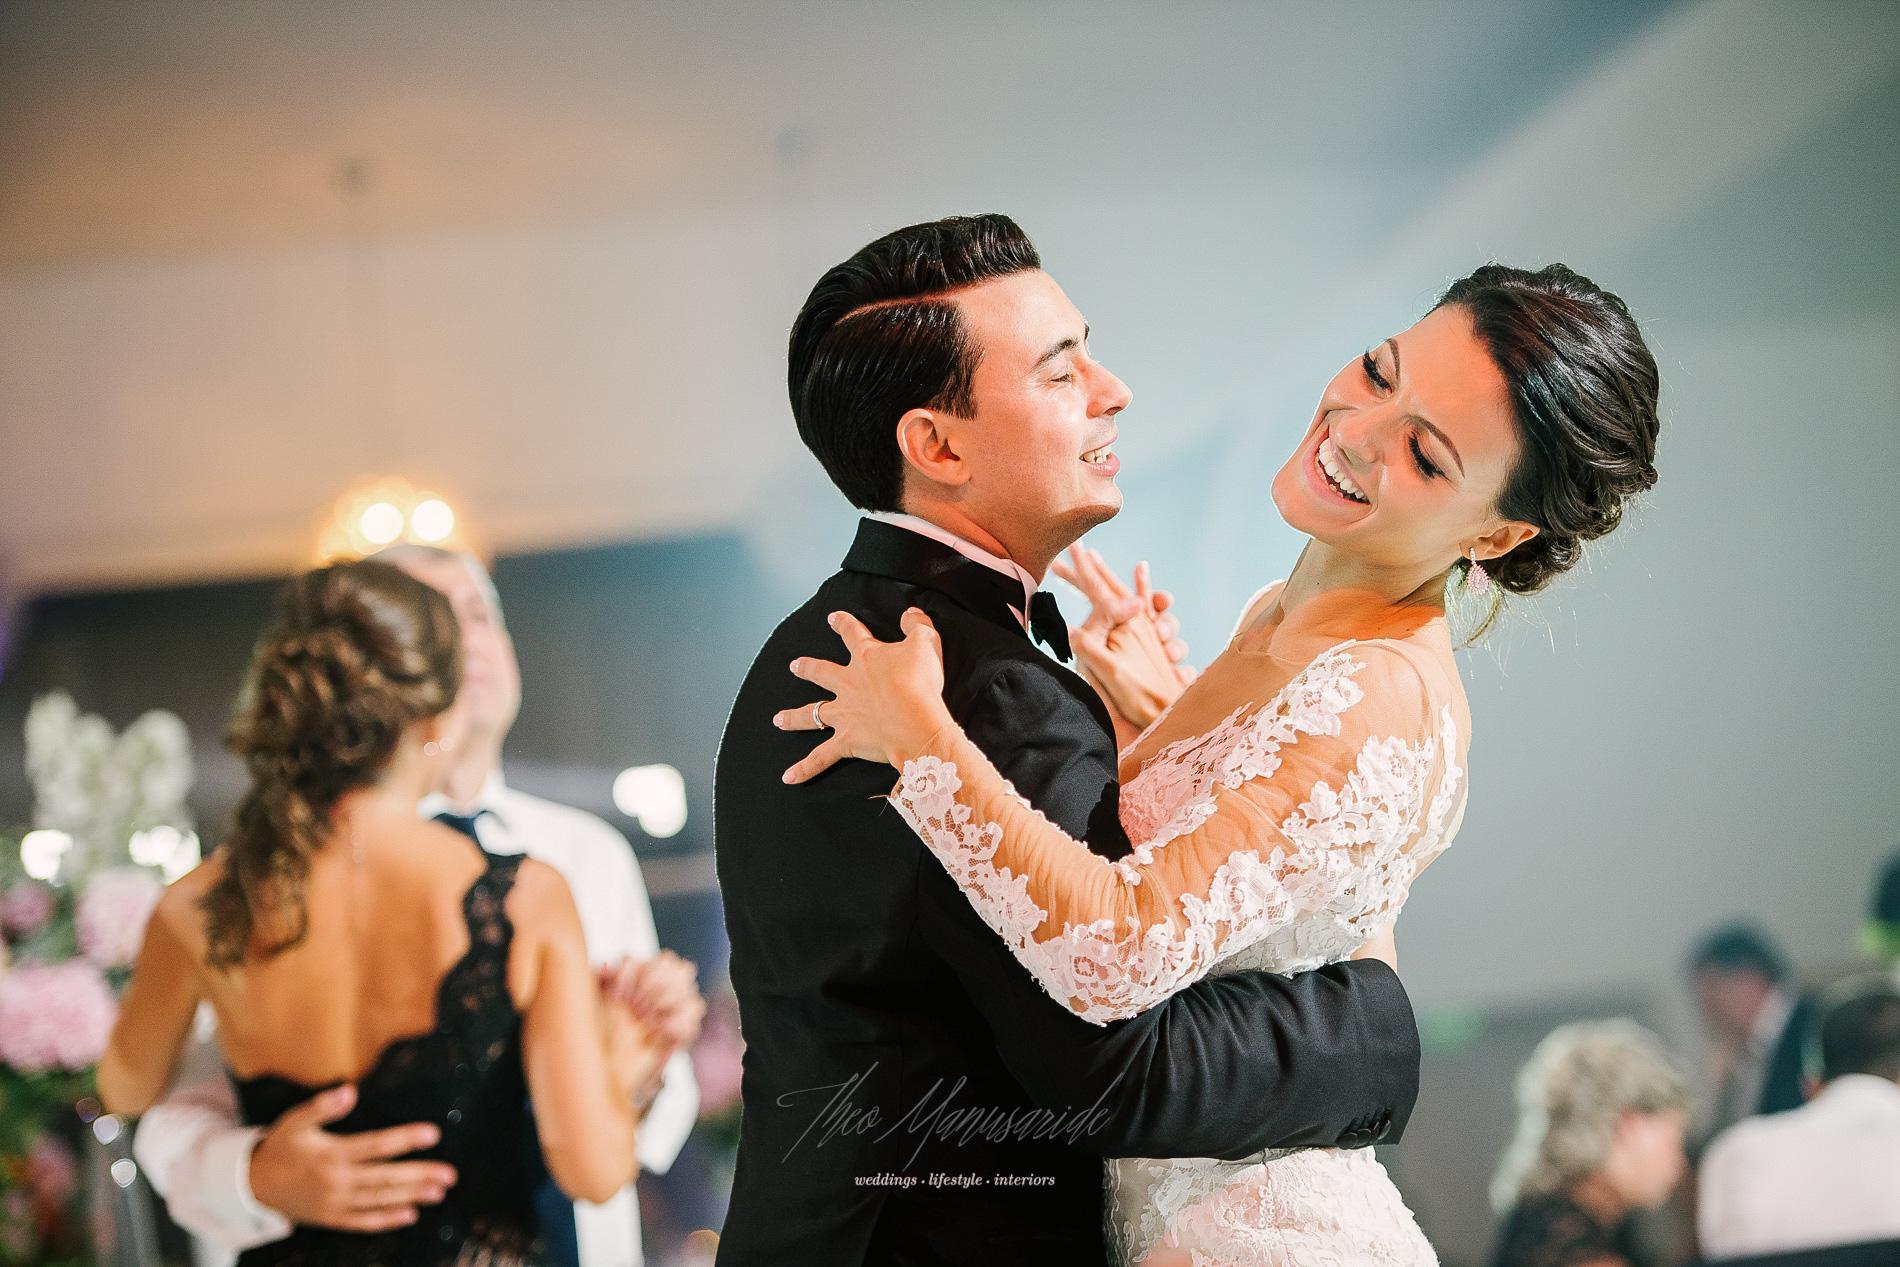 fotograf nunta biavati events-47-2